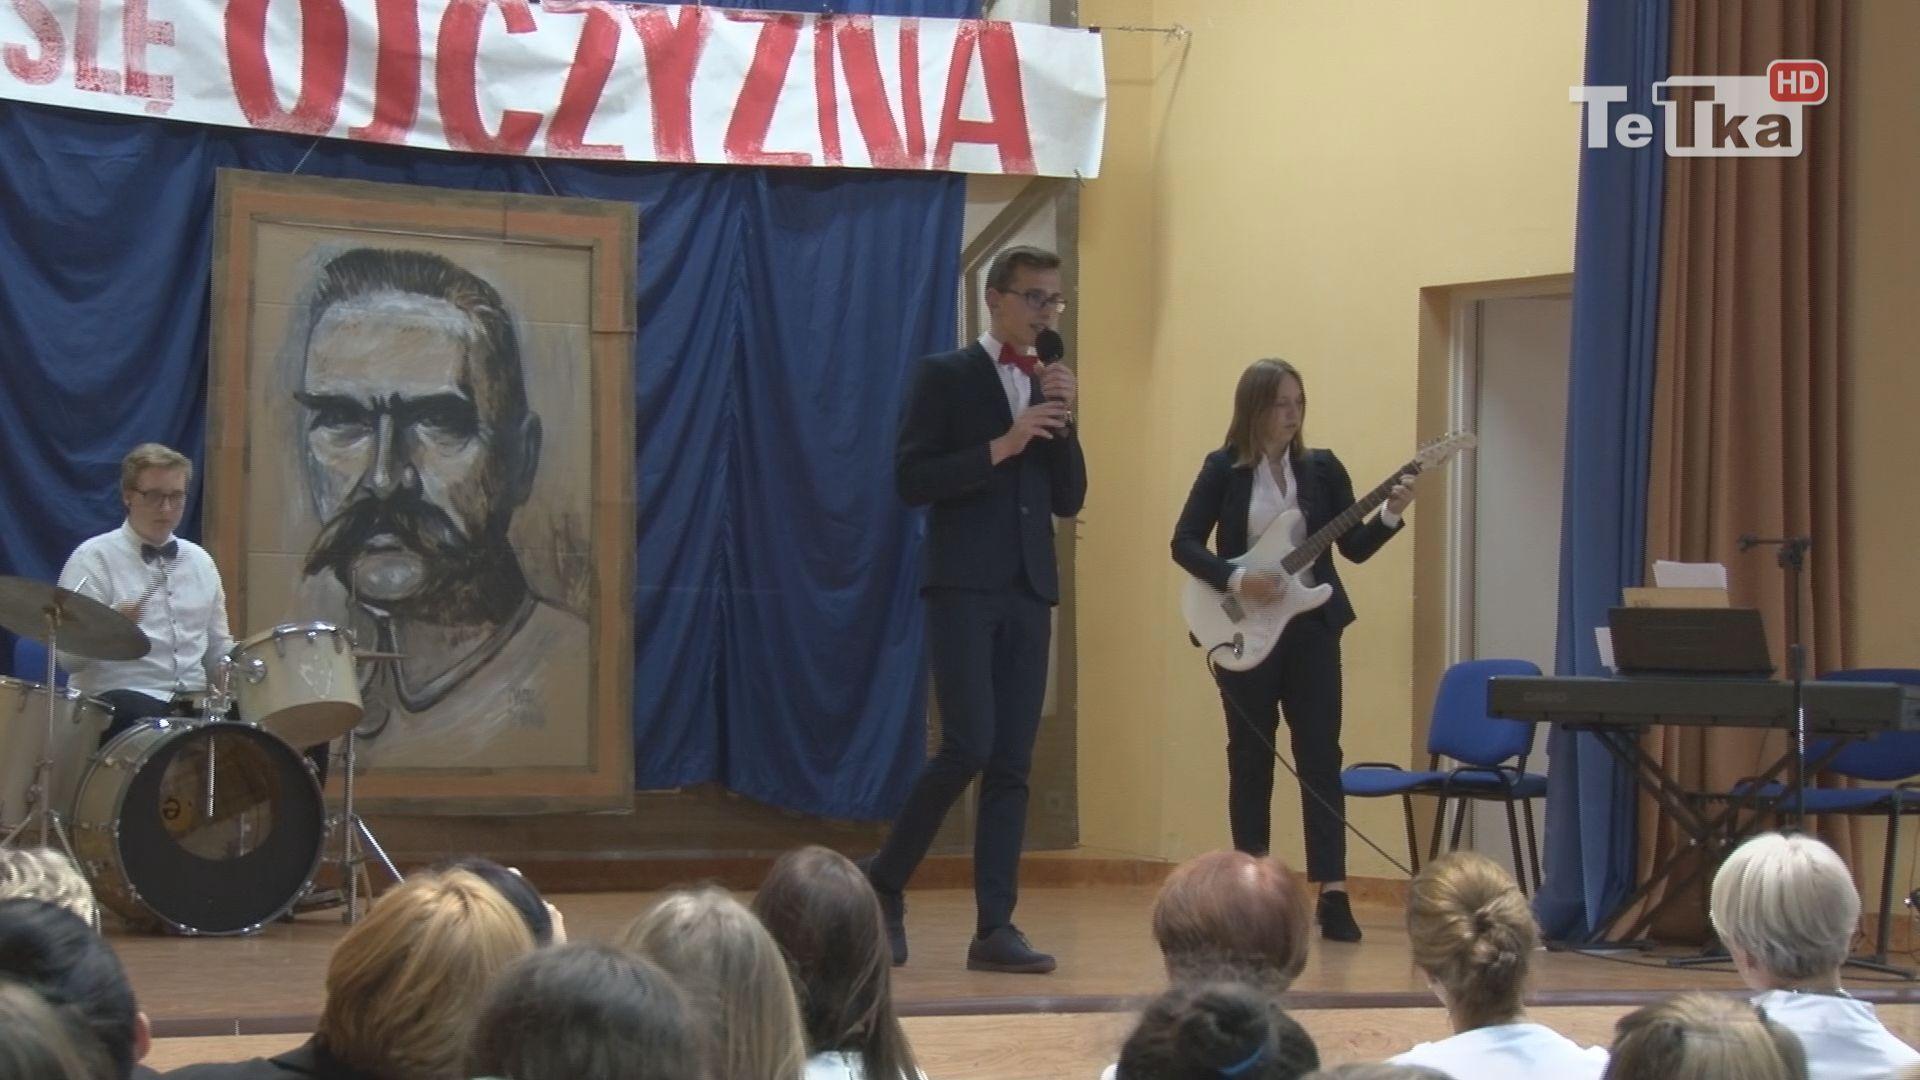 uczniowie i nauczyciele wystąpili w koncercie związanym z rocznicą odzyskania przez Polskę niepodległości